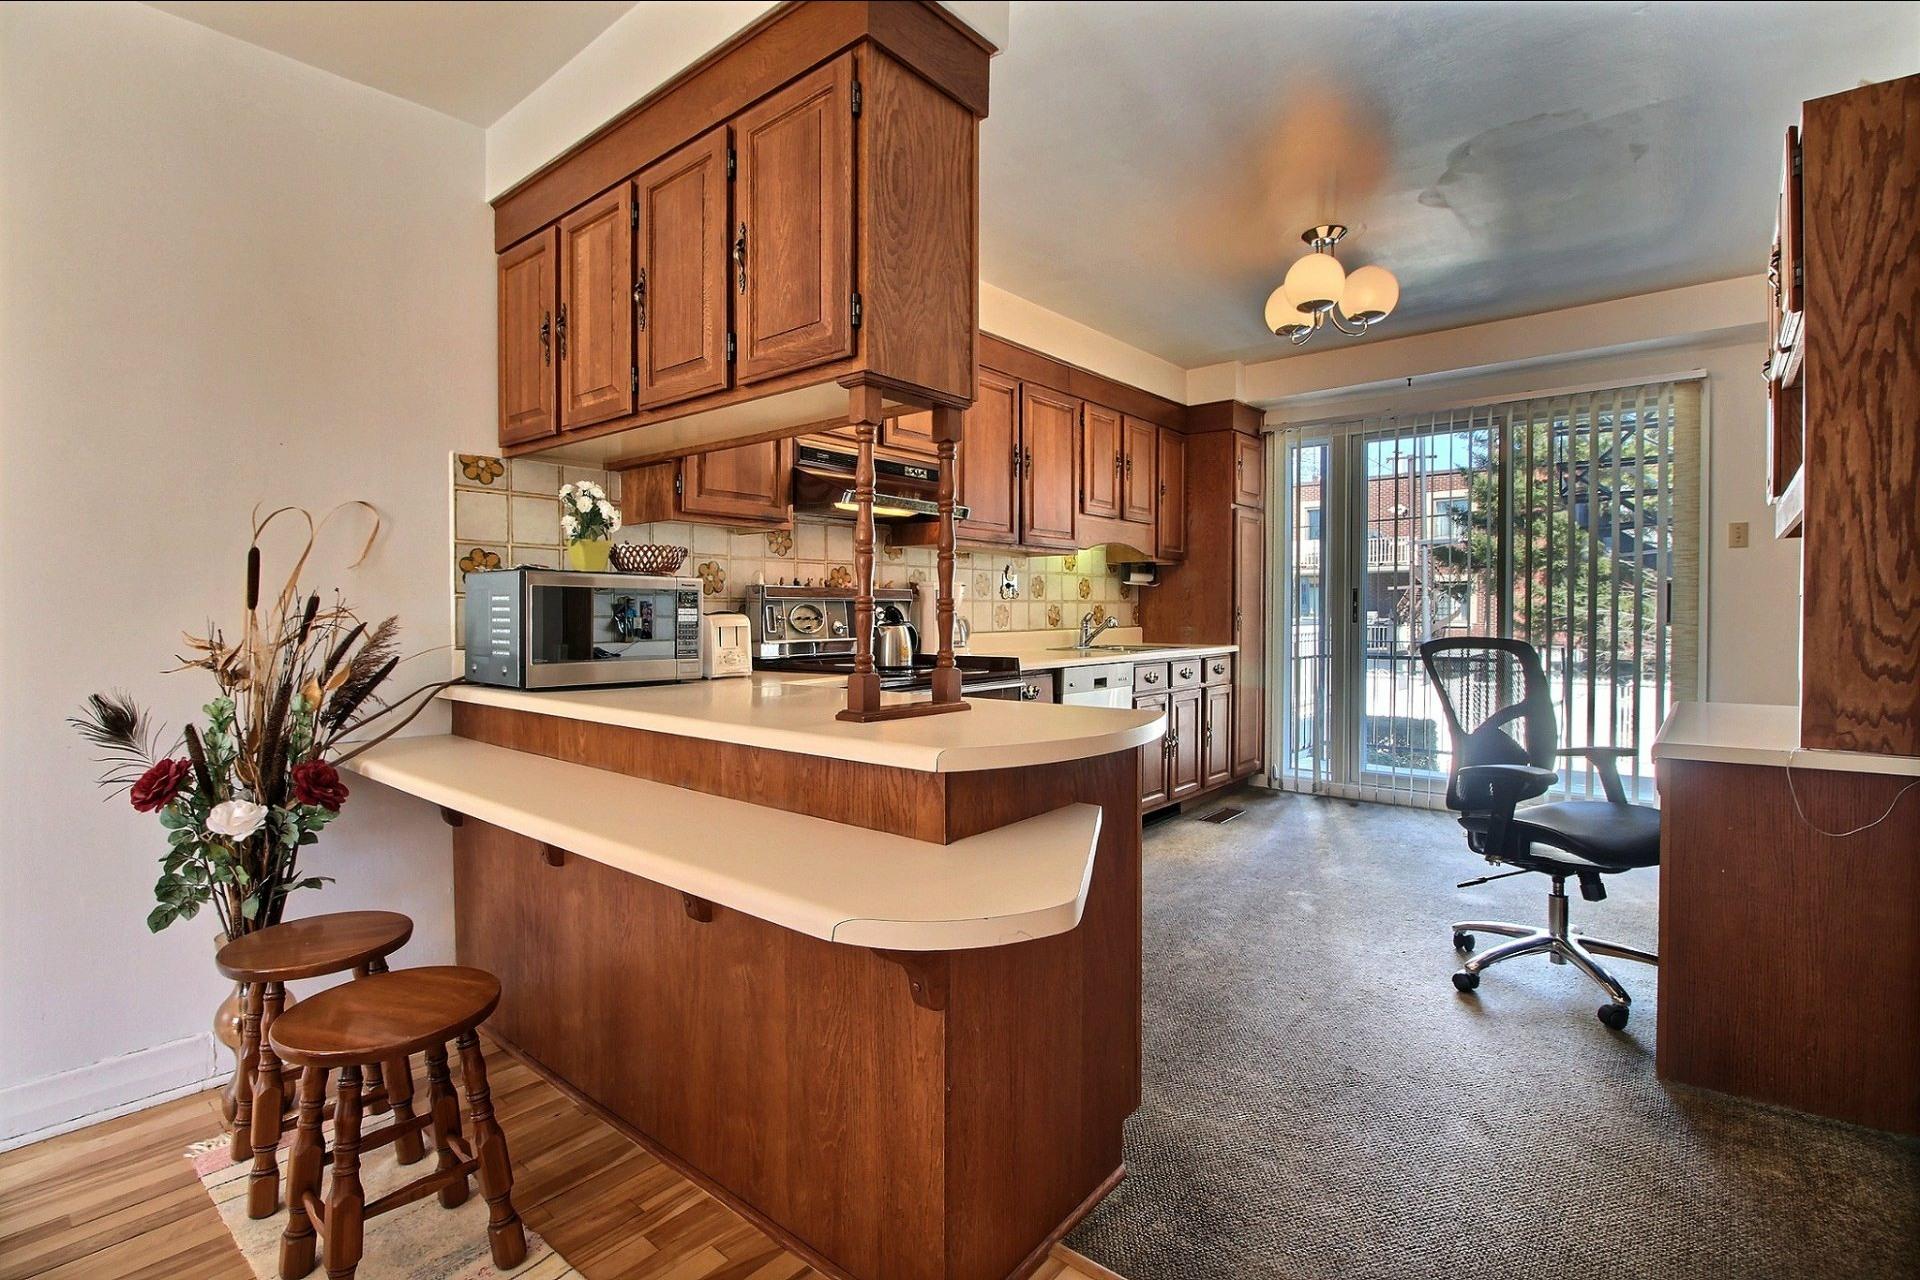 image 6 - Duplex For sale Montréal Rivière-des-Prairies/Pointe-aux-Trembles  - 6 rooms